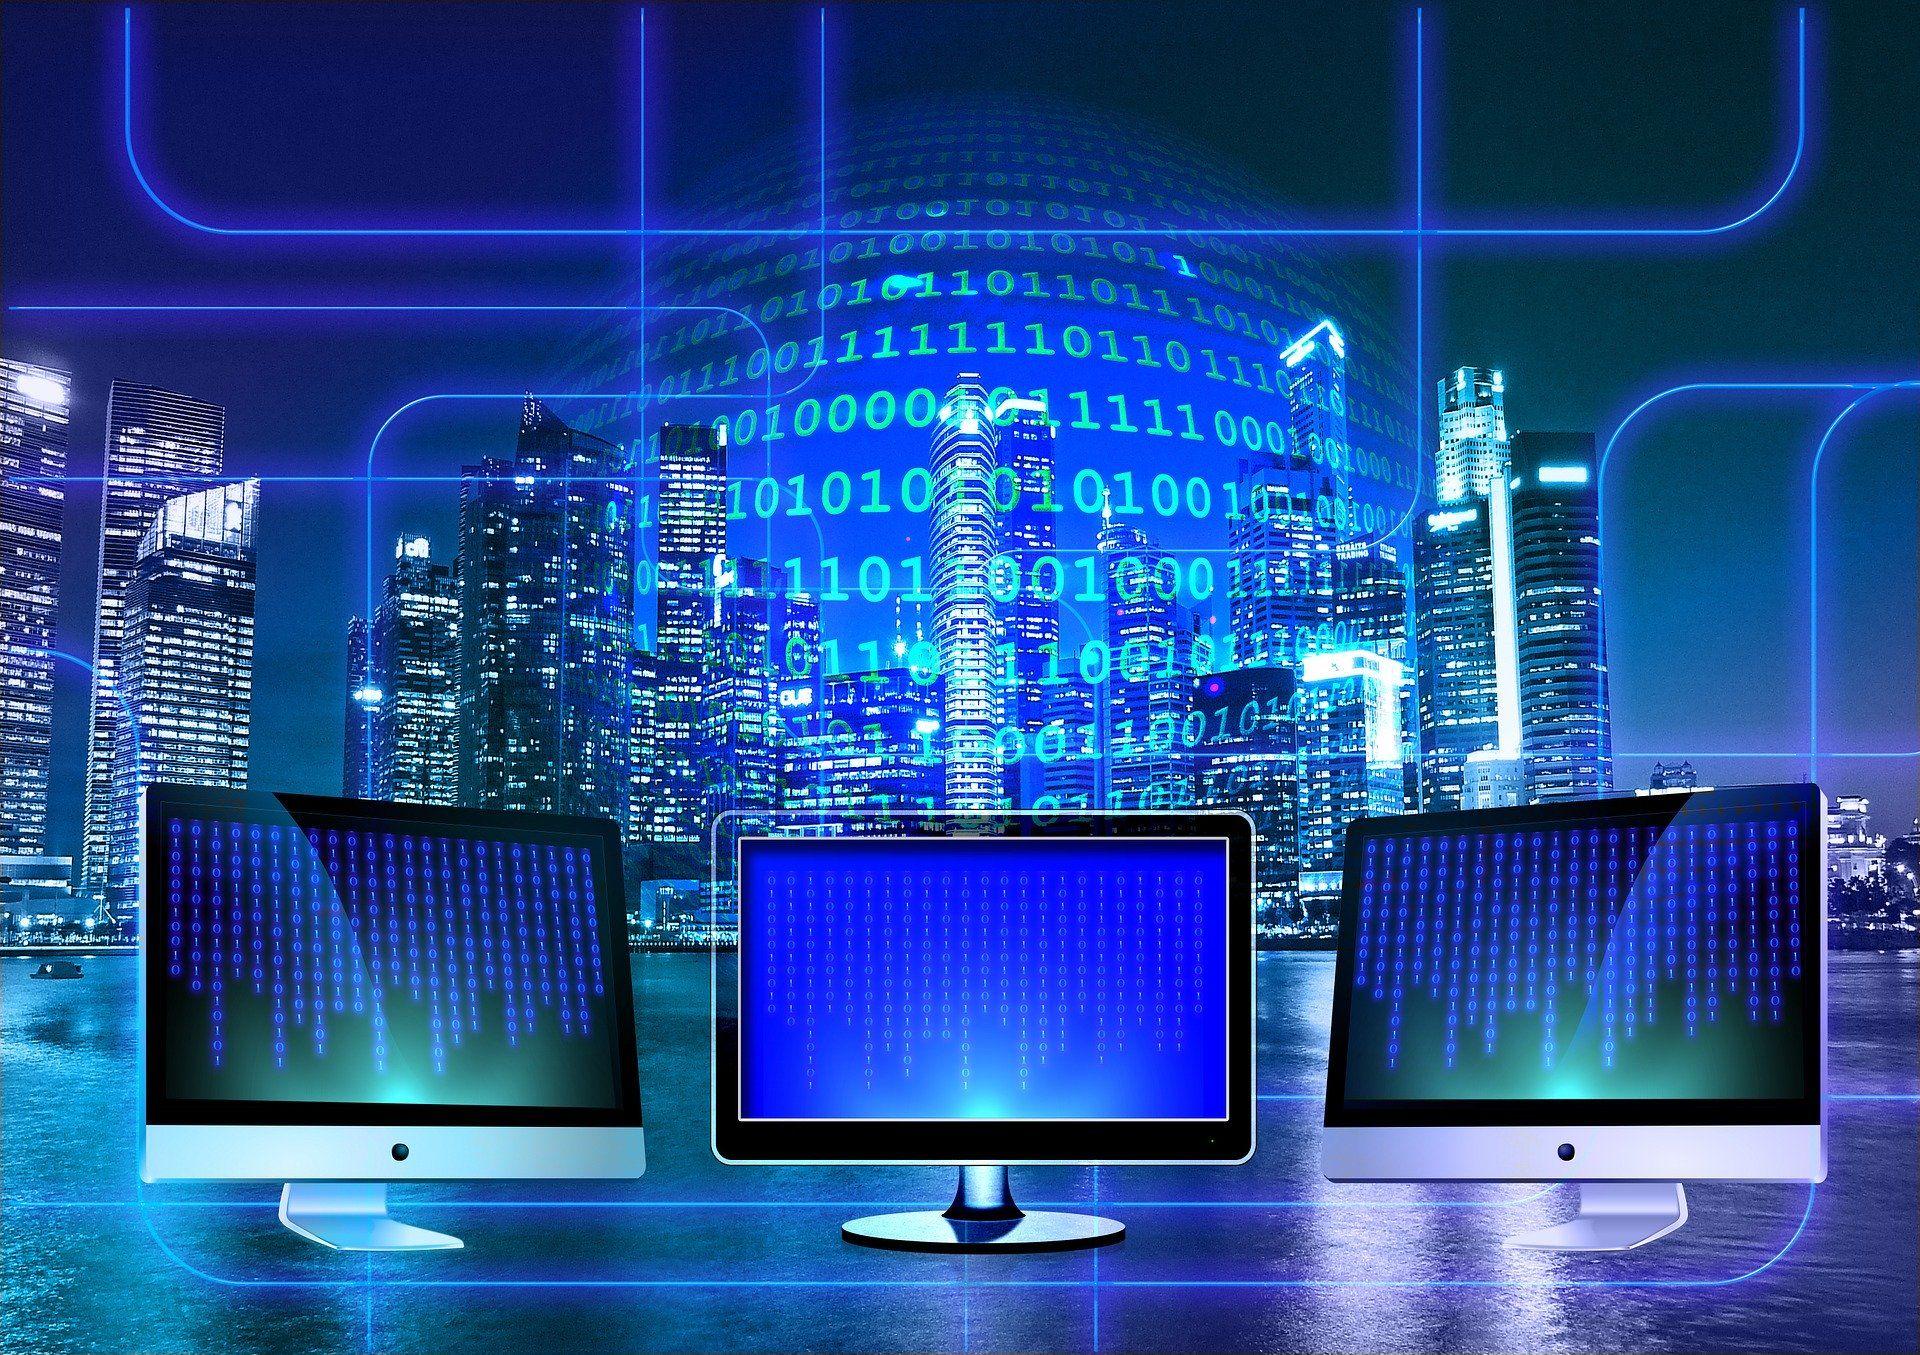 As agências de inteligência norte-americanas declaram guerra cibernética aos meios de comunicação independentes. Parte 2.